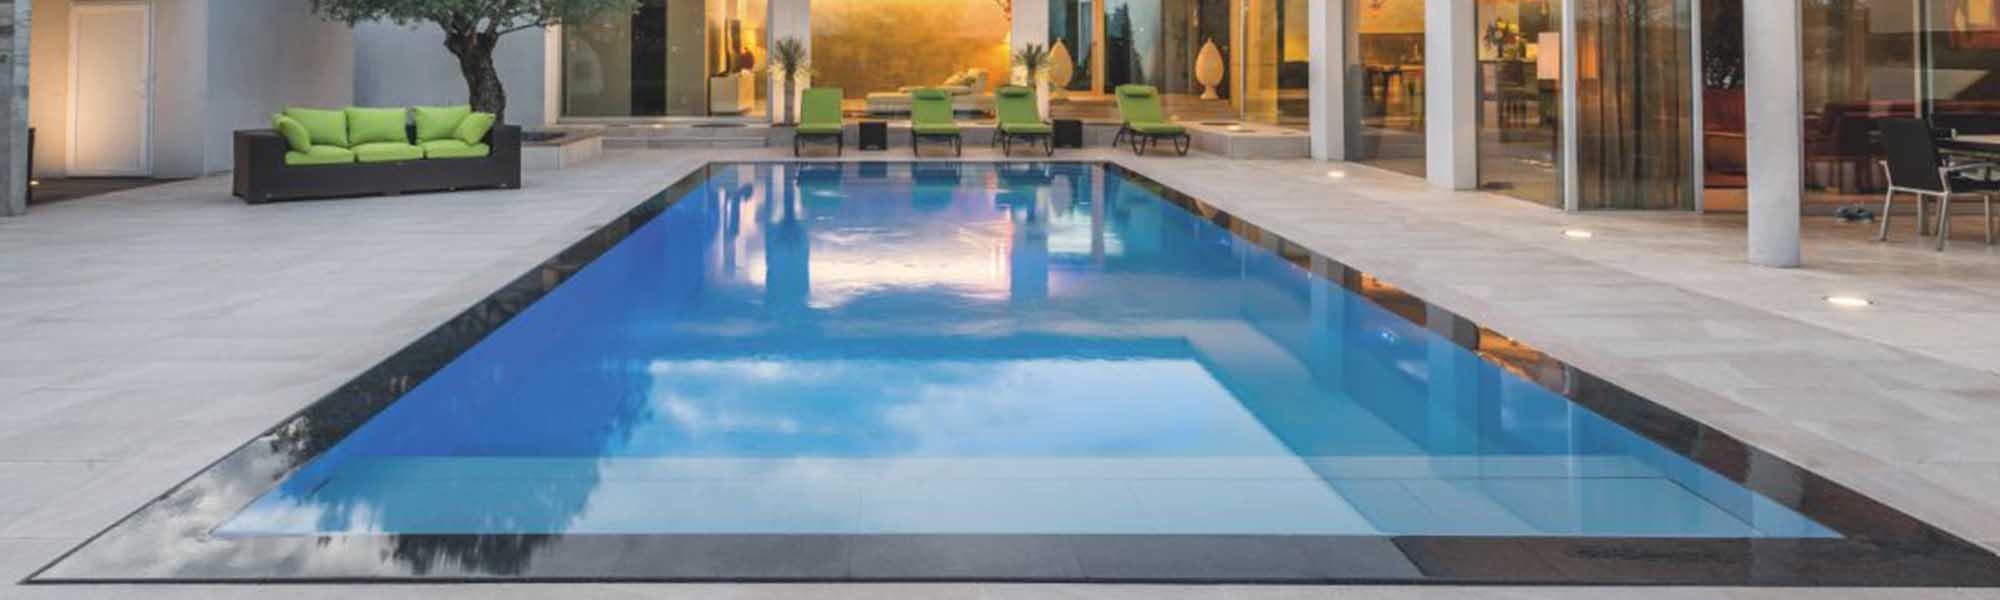 Piscine miroir d bordement de plaisir et de luxe conseil for Kit piscine miroir